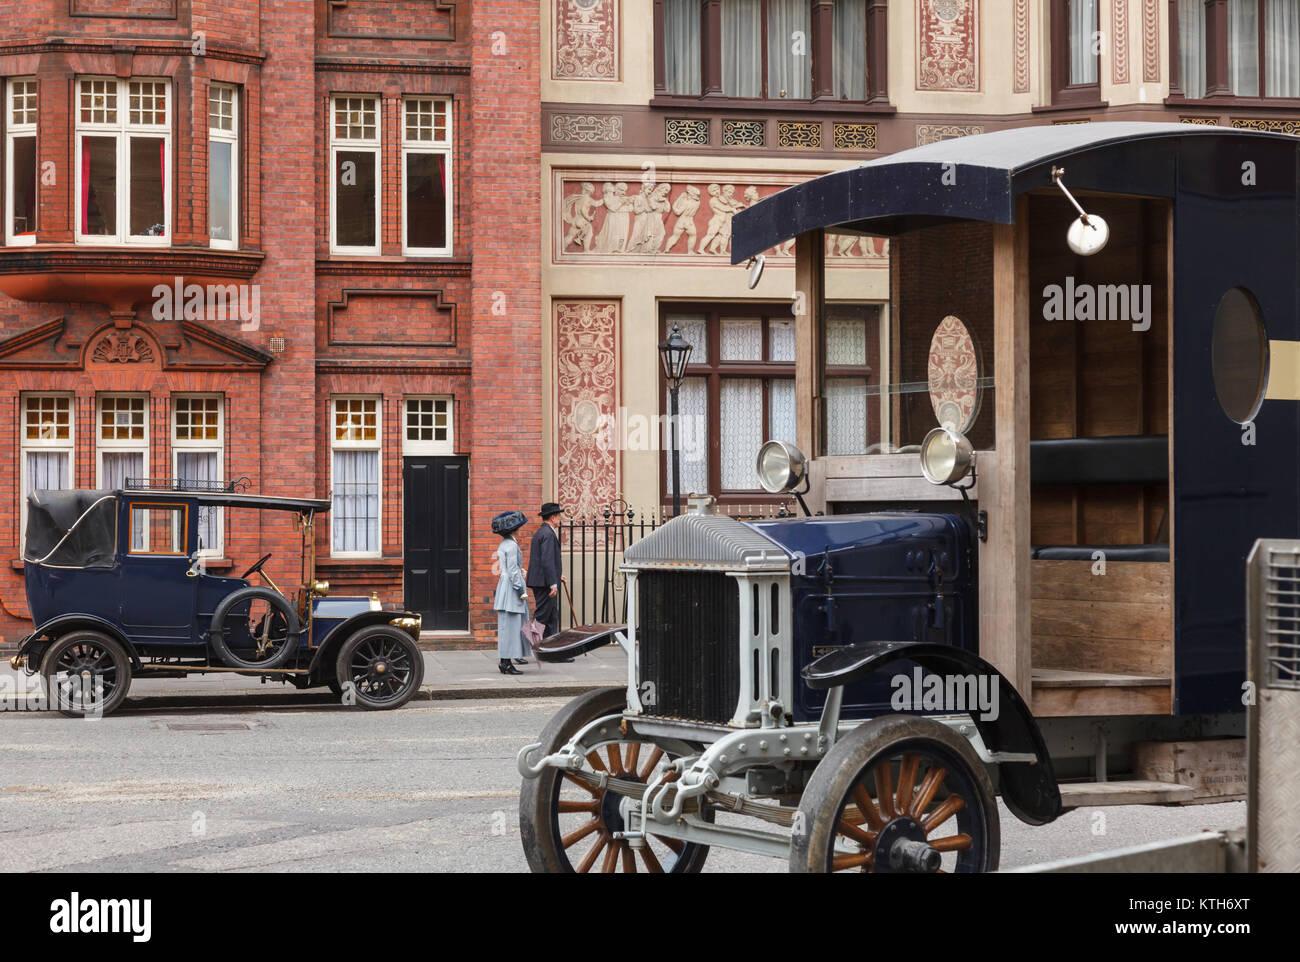 LONDON, UK, 17. JUNI 2013: retro Film Szene mit Oldtimer Autos und Paar auf einer Straße Stockbild